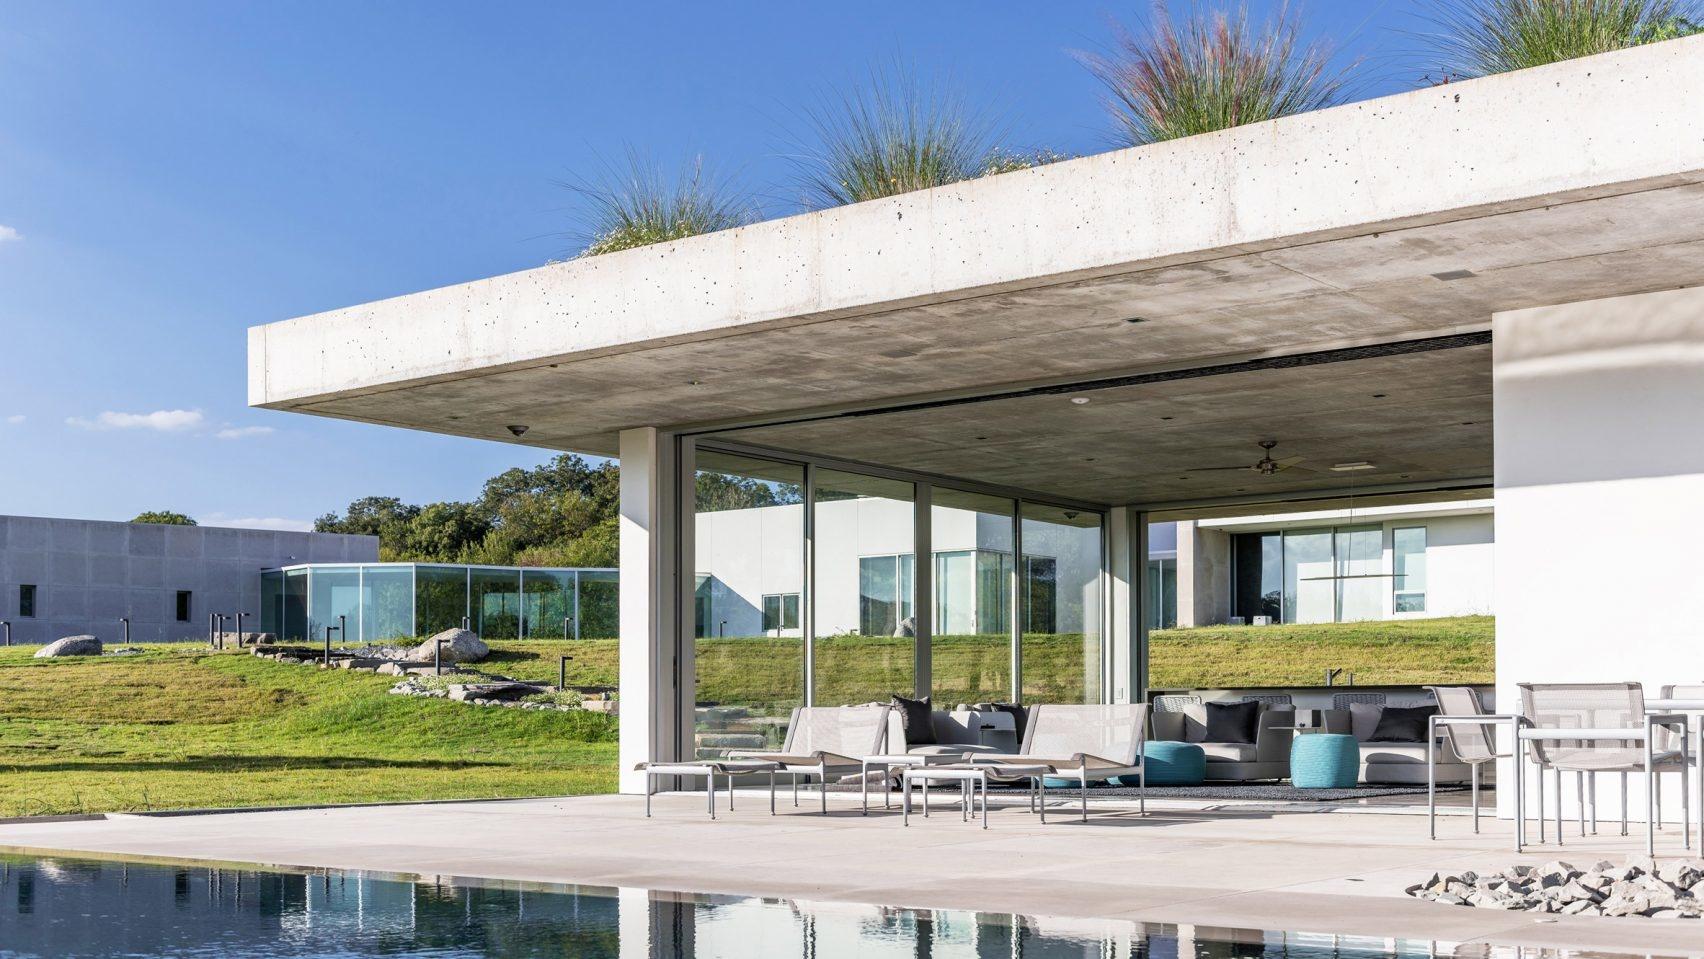 Пятый фасад: зеленые крыши (галерея 11, фото 3)